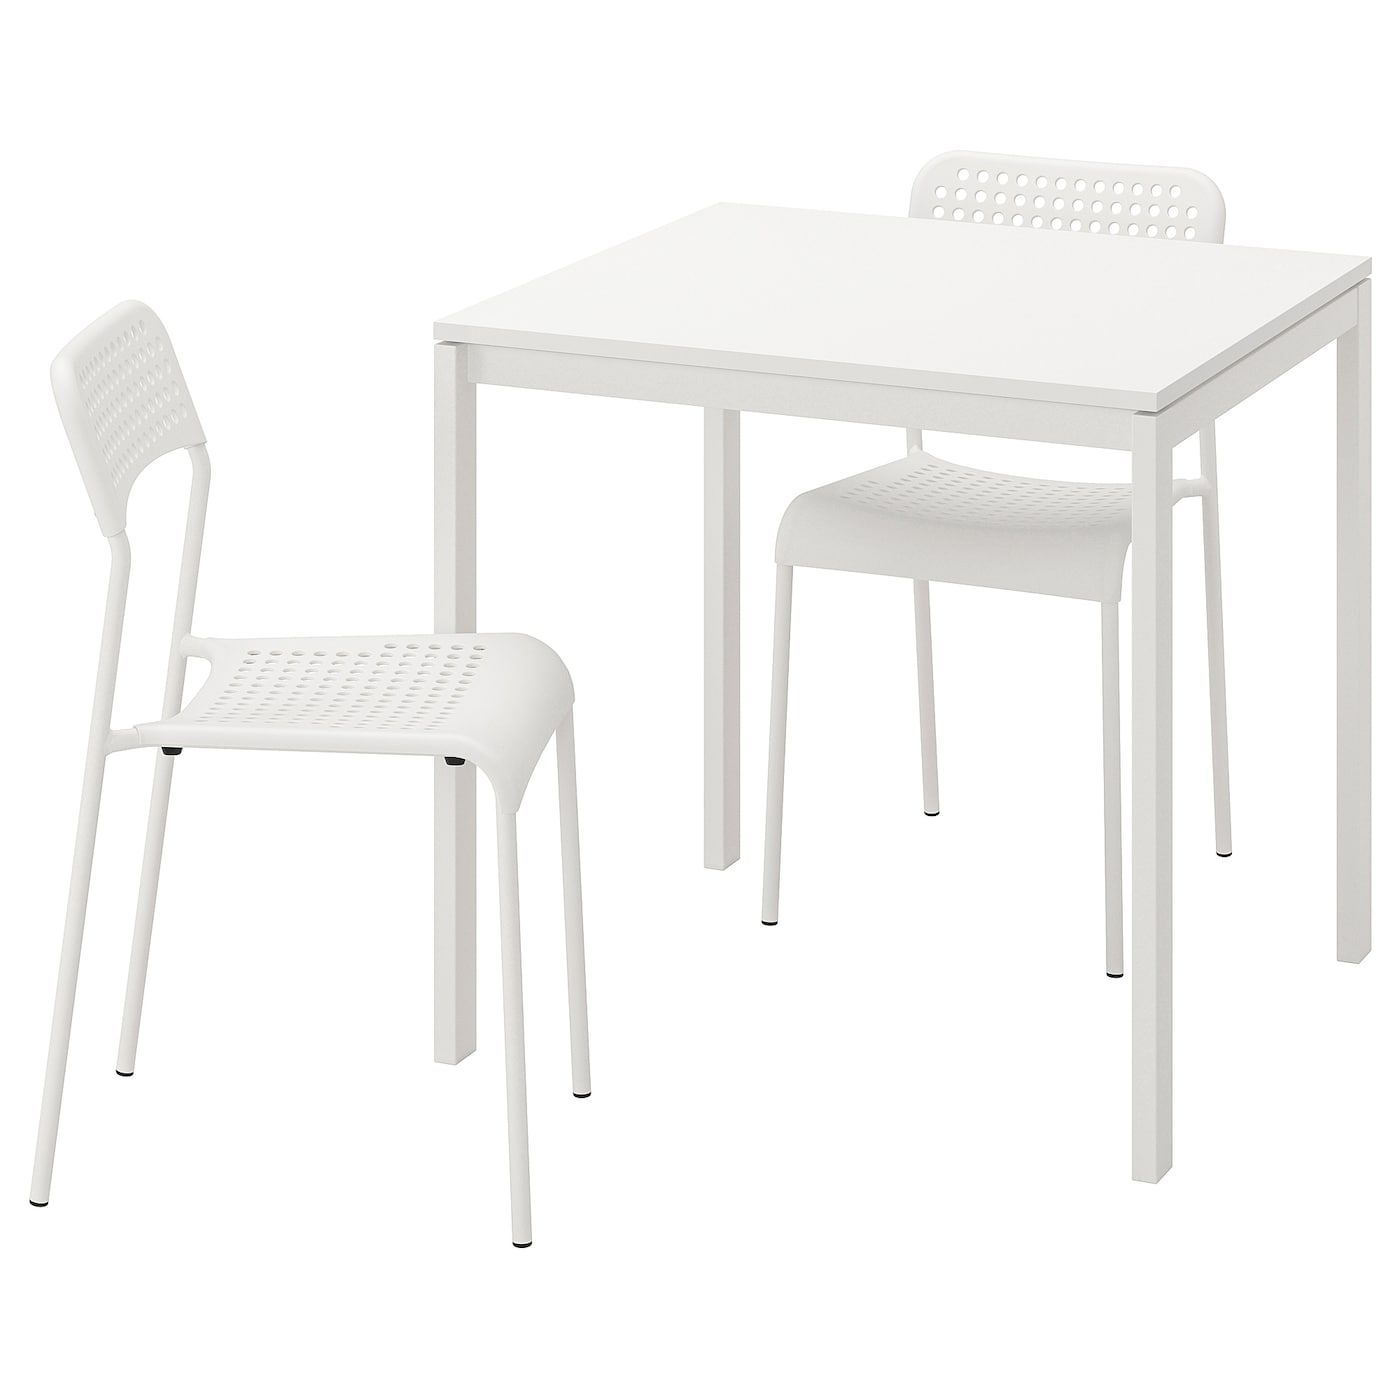 Melltorp Adde Tisch Und 2 Stuhle Weiss Weisse Stuhle Ikea Und Tisch